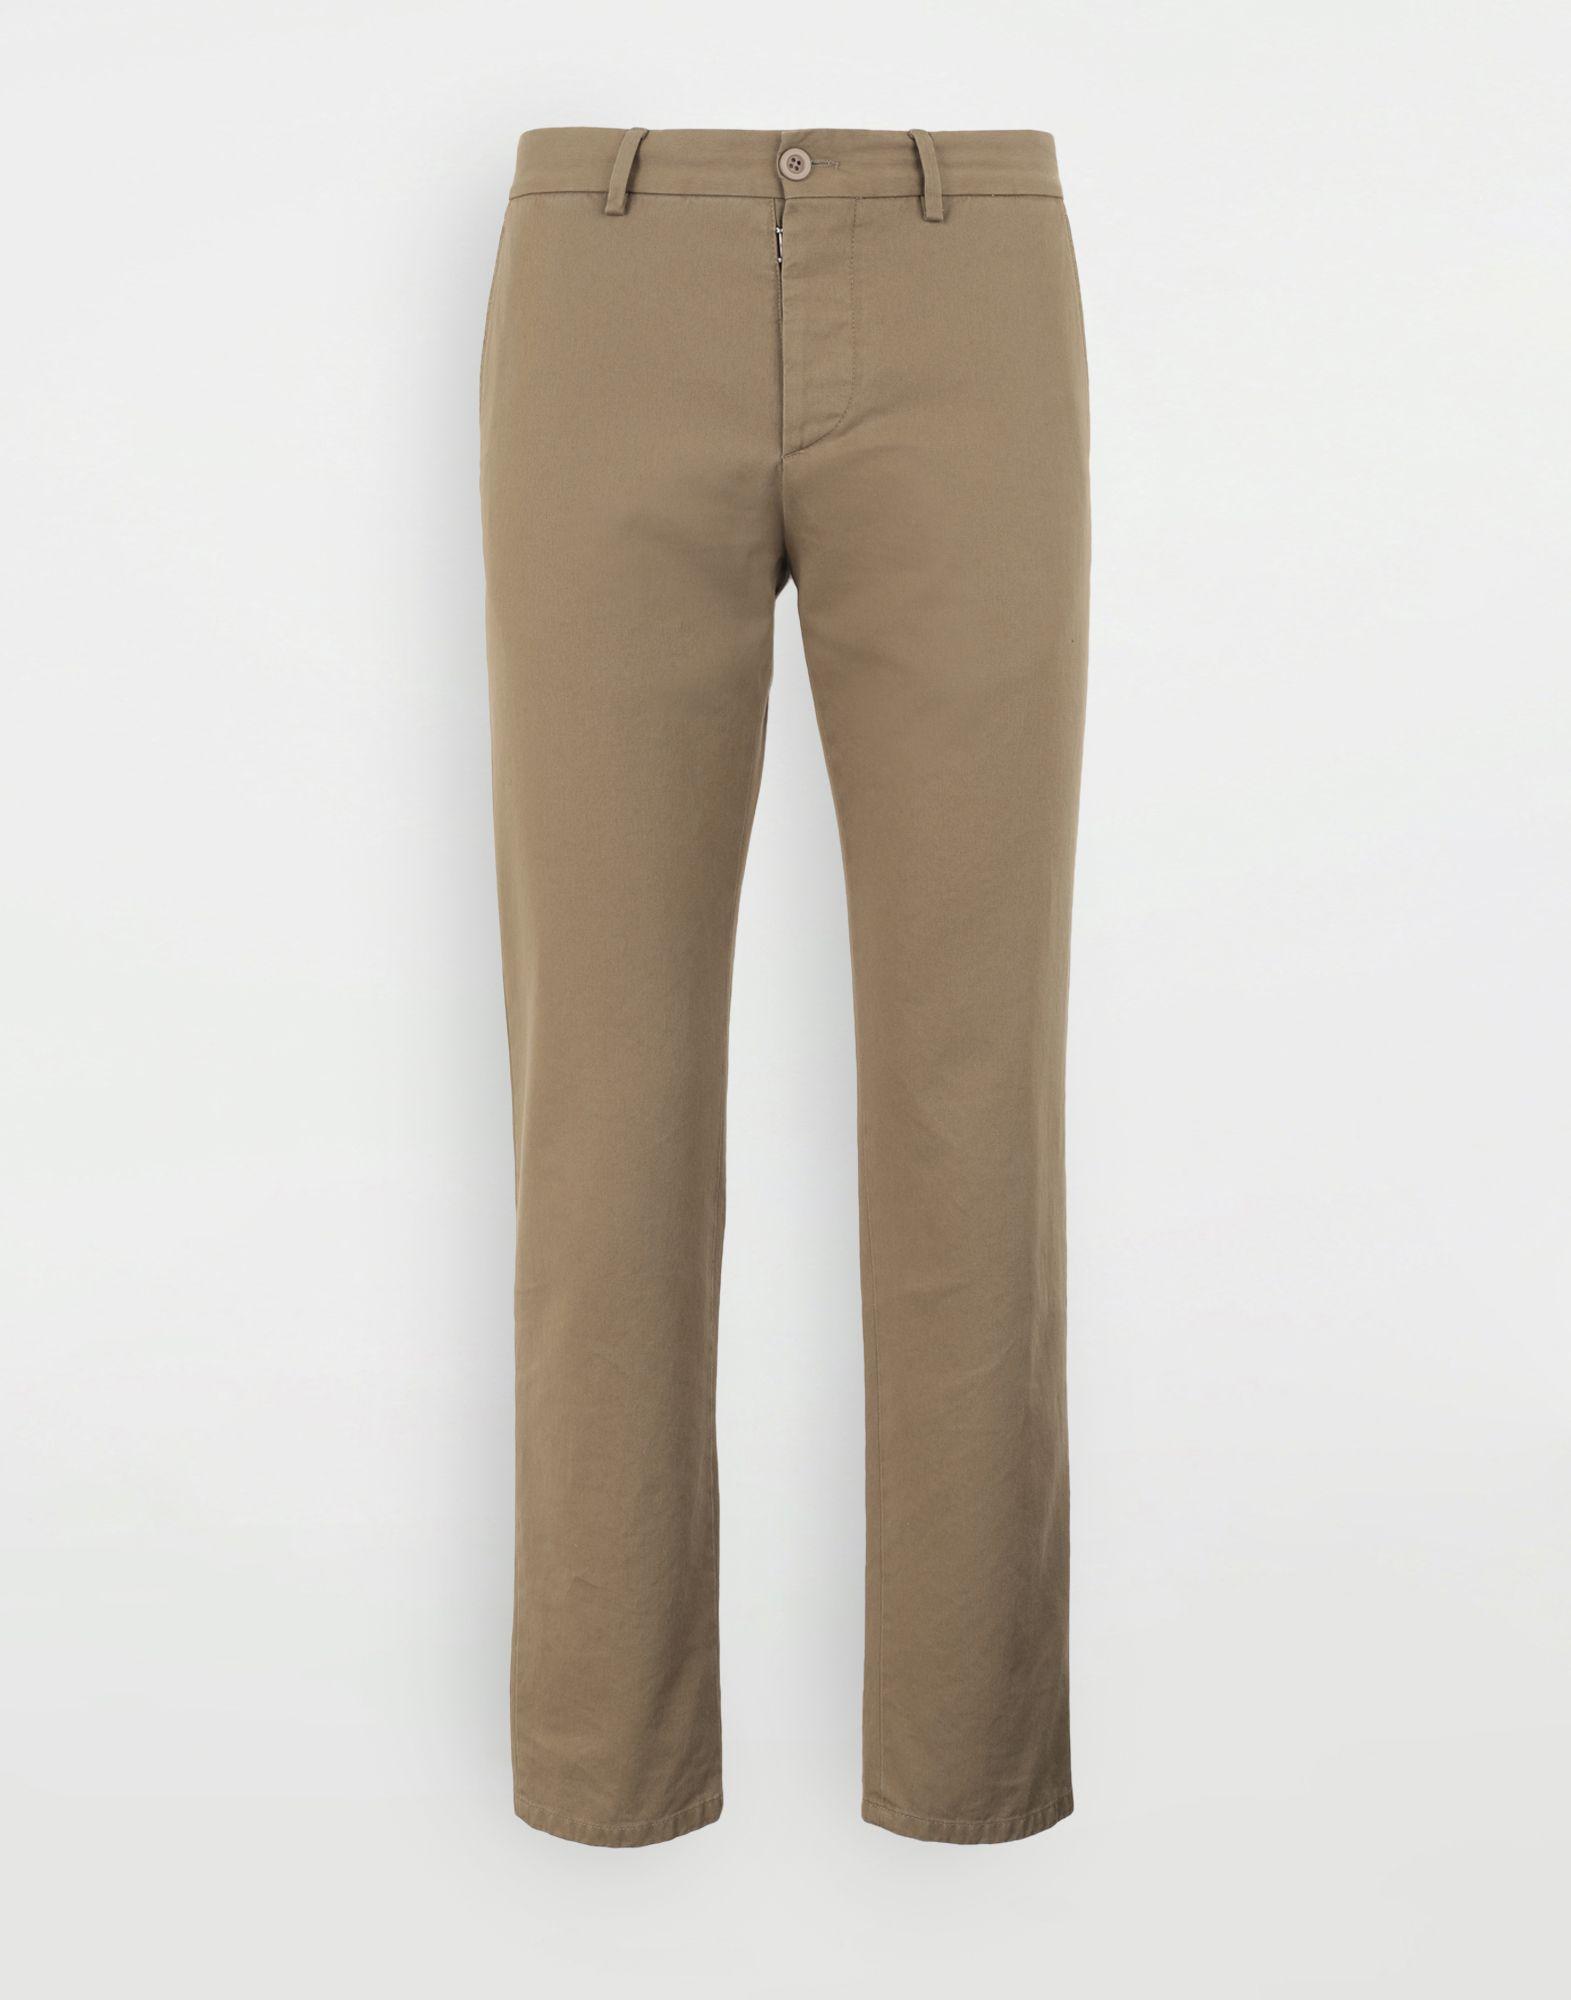 MAISON MARGIELA Cotton trousers Casual pants Man f